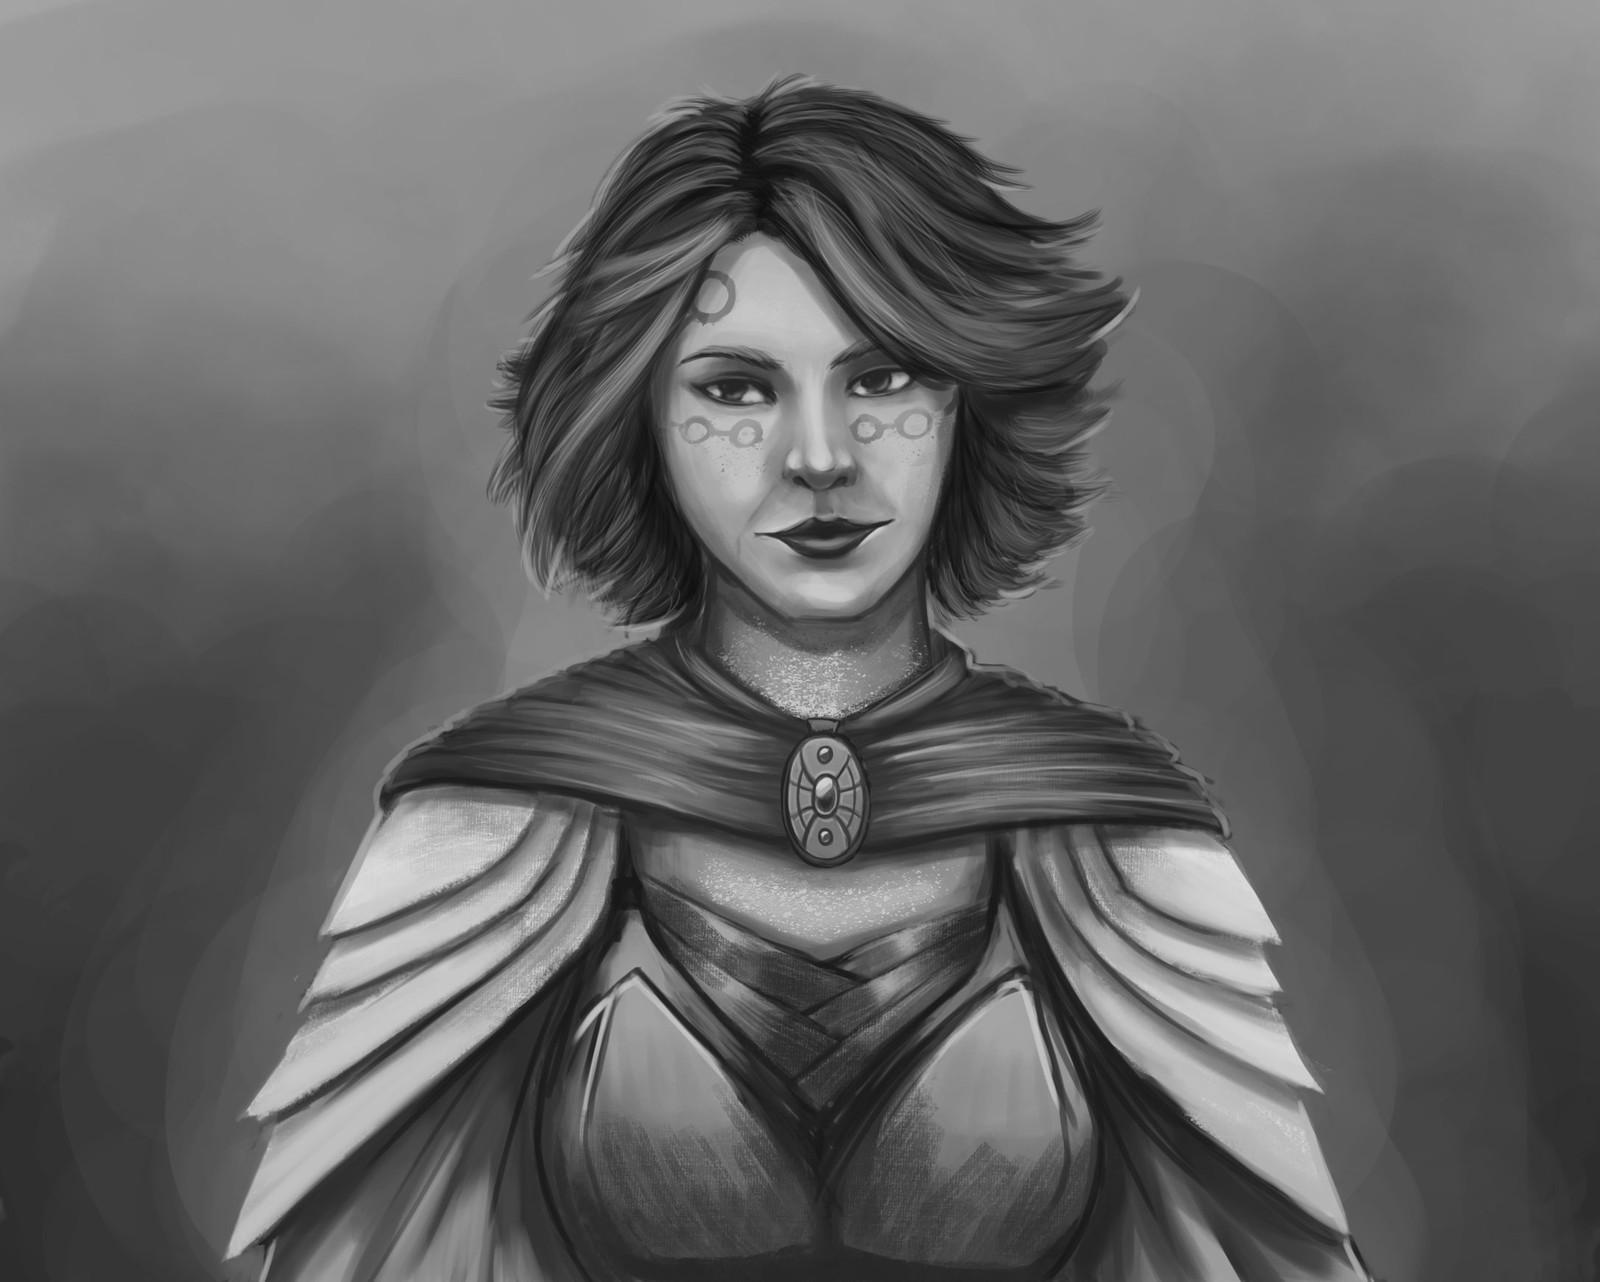 D&D character portrait - Toene Numen